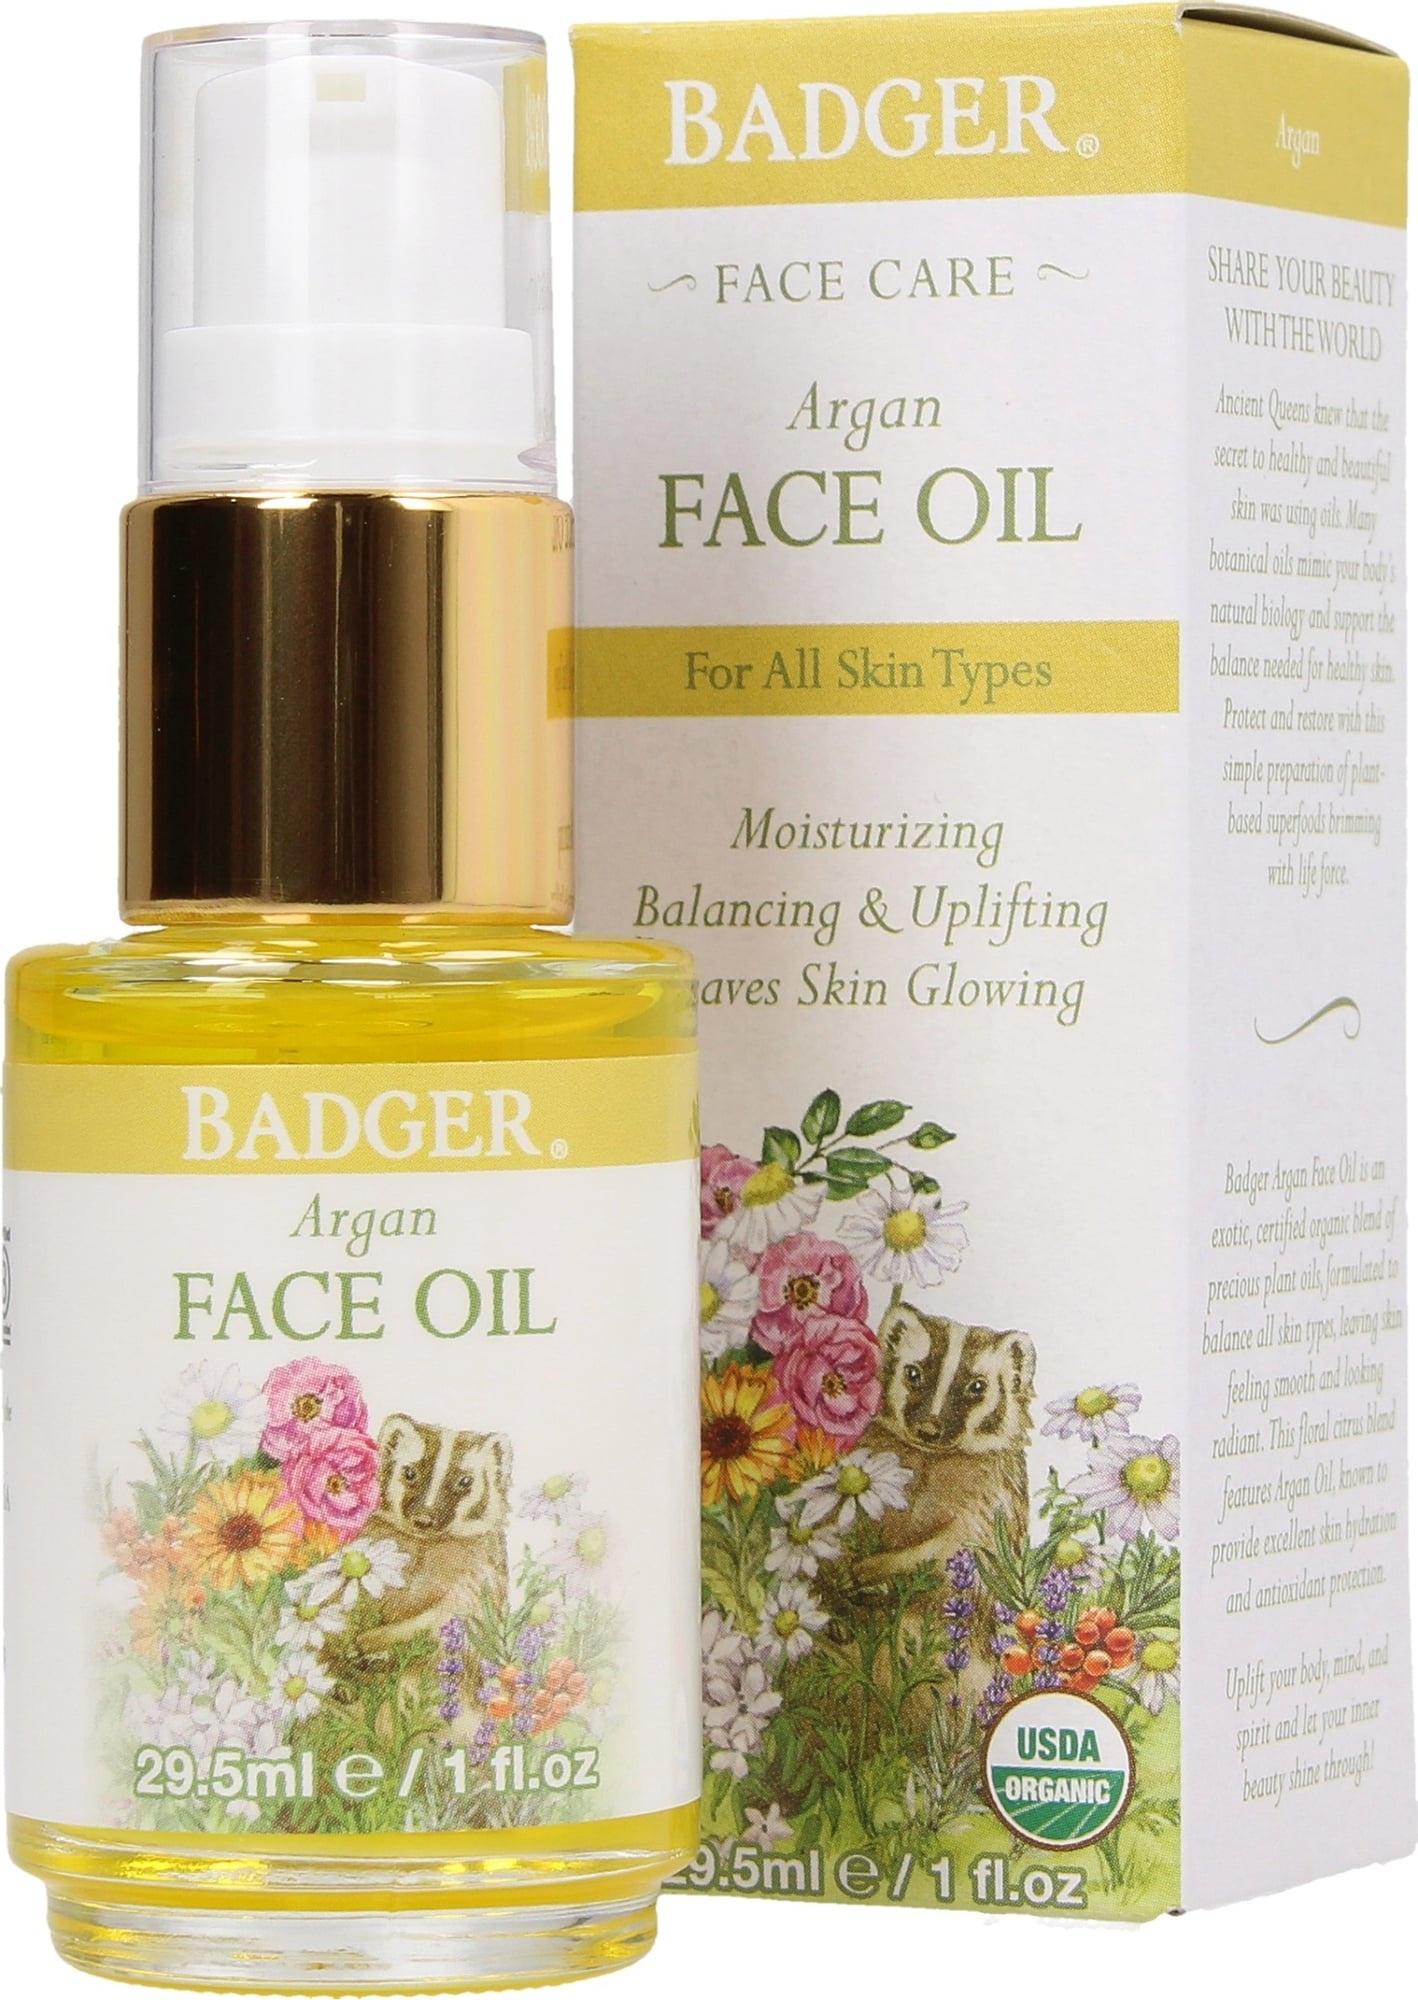 Badger Argan Face Oil For All Skin Types